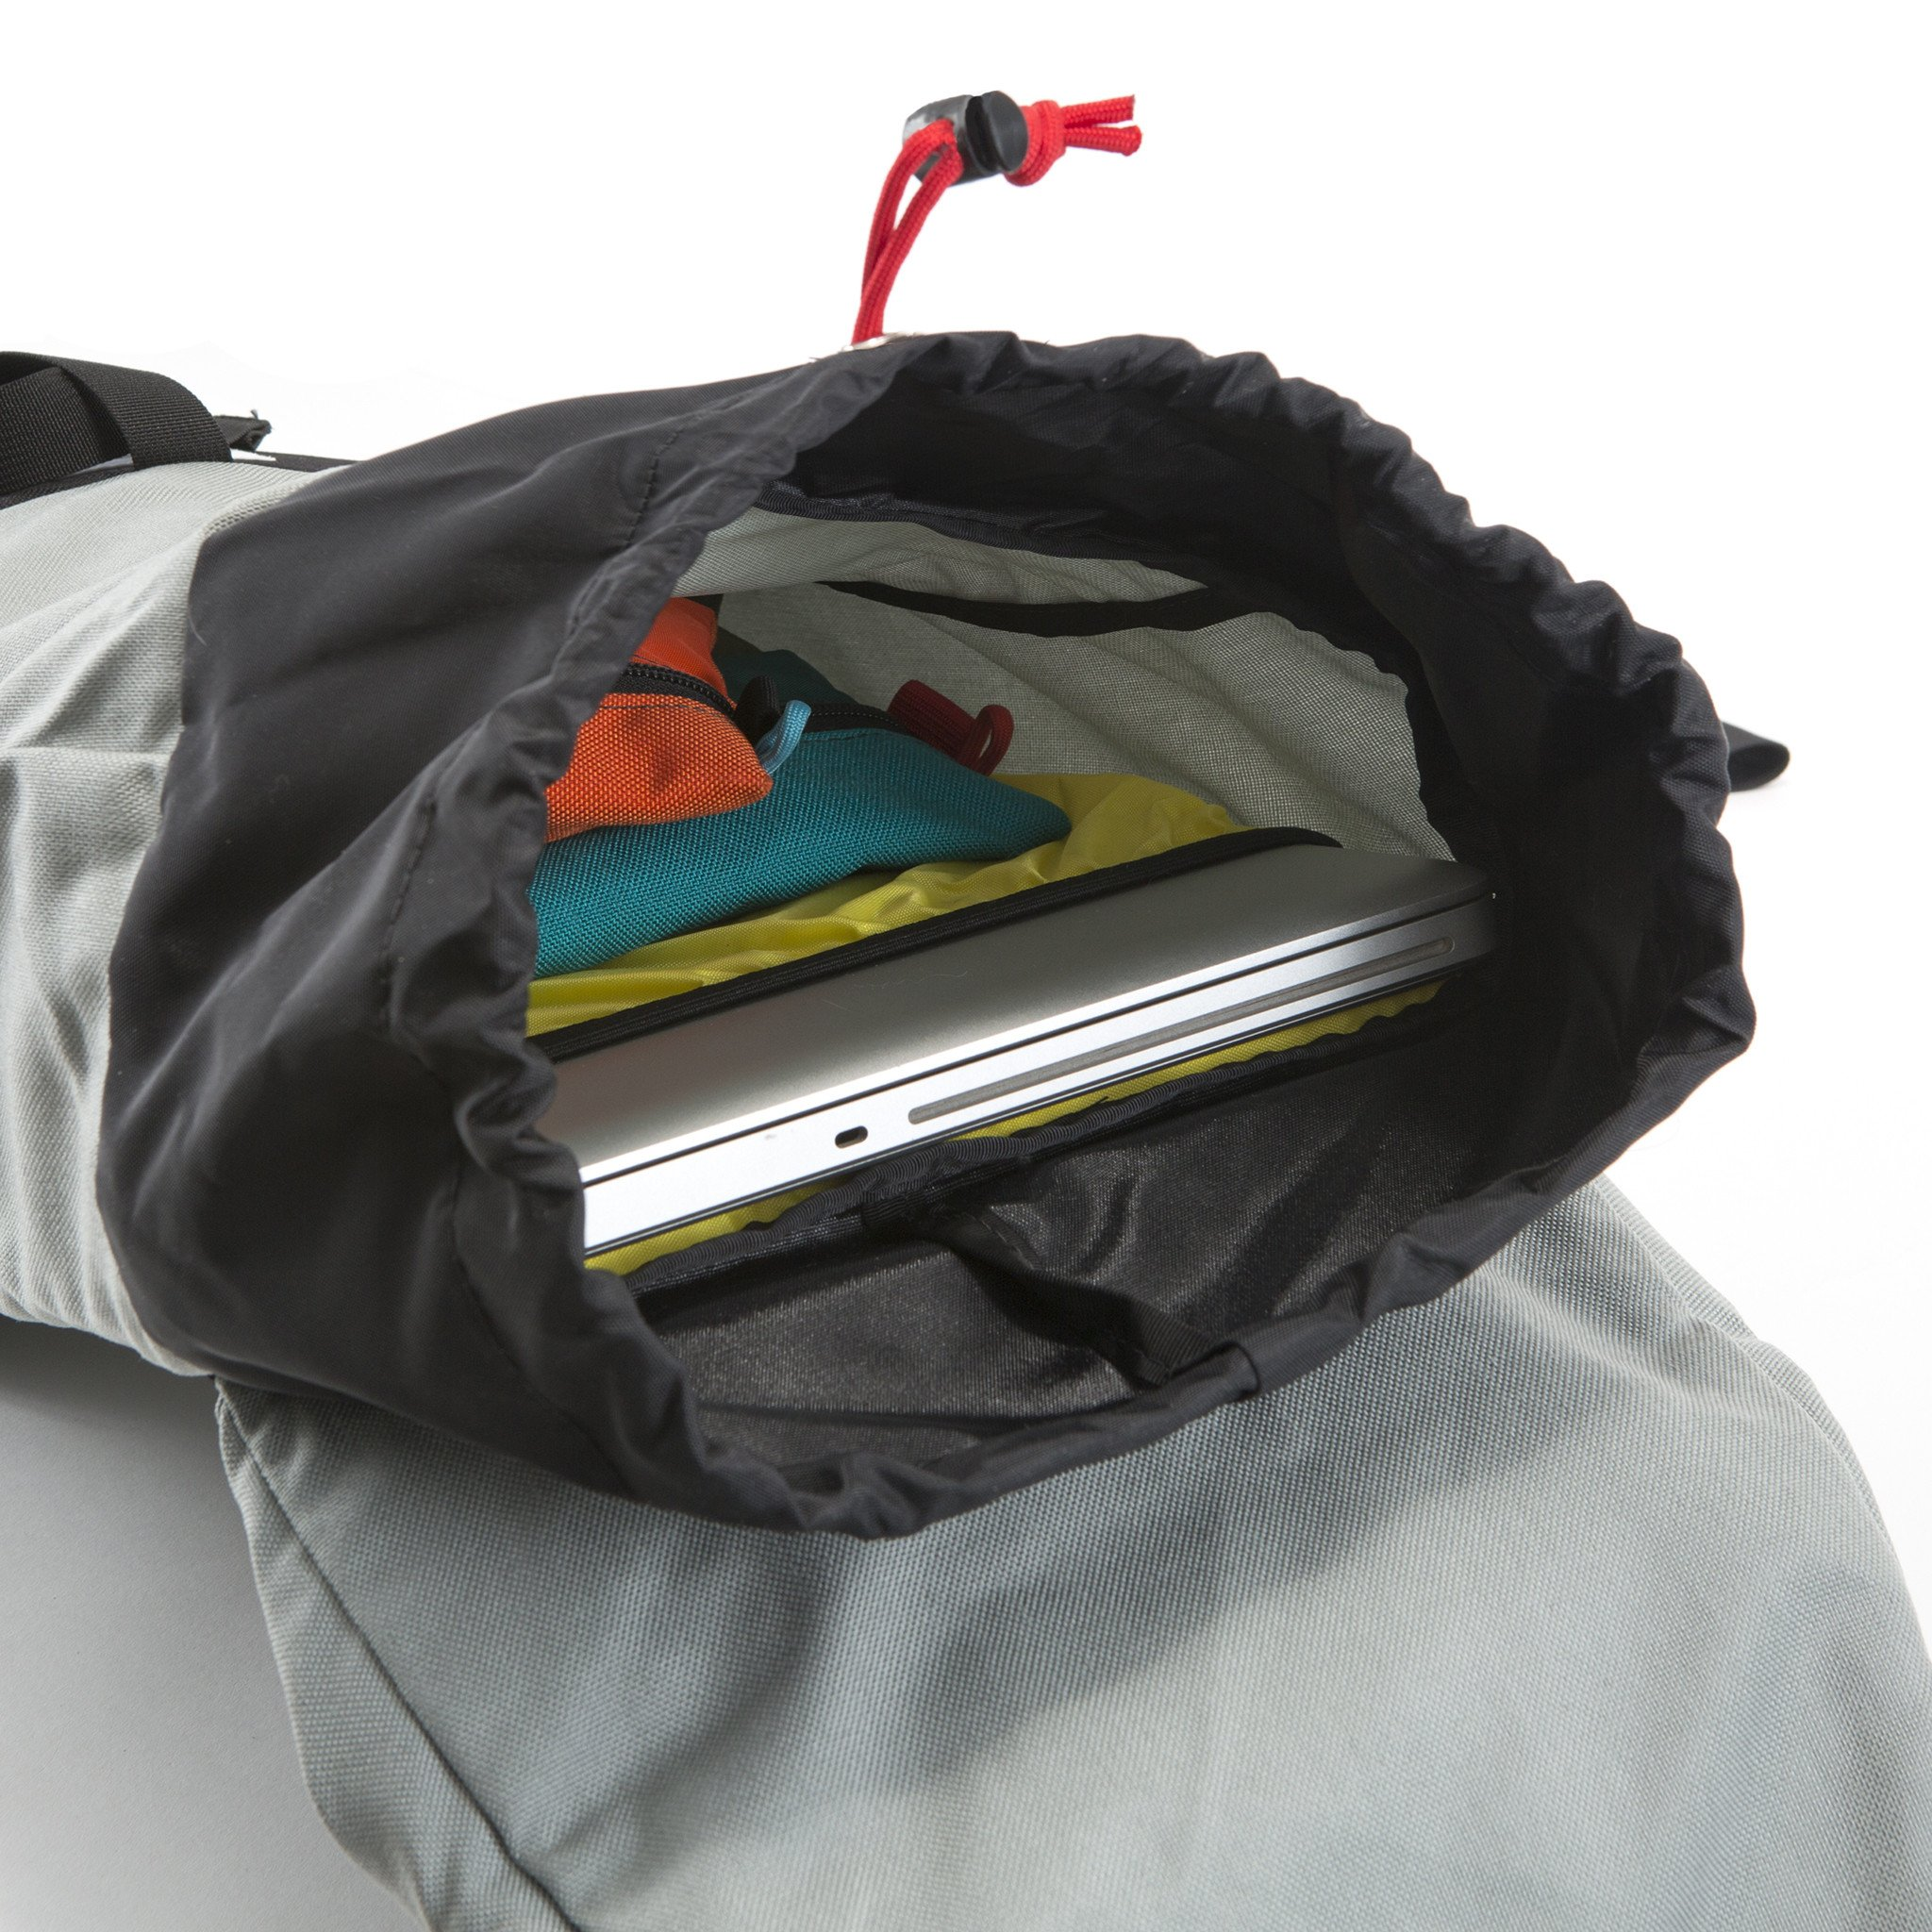 bags-y-pack-8_2048x2048